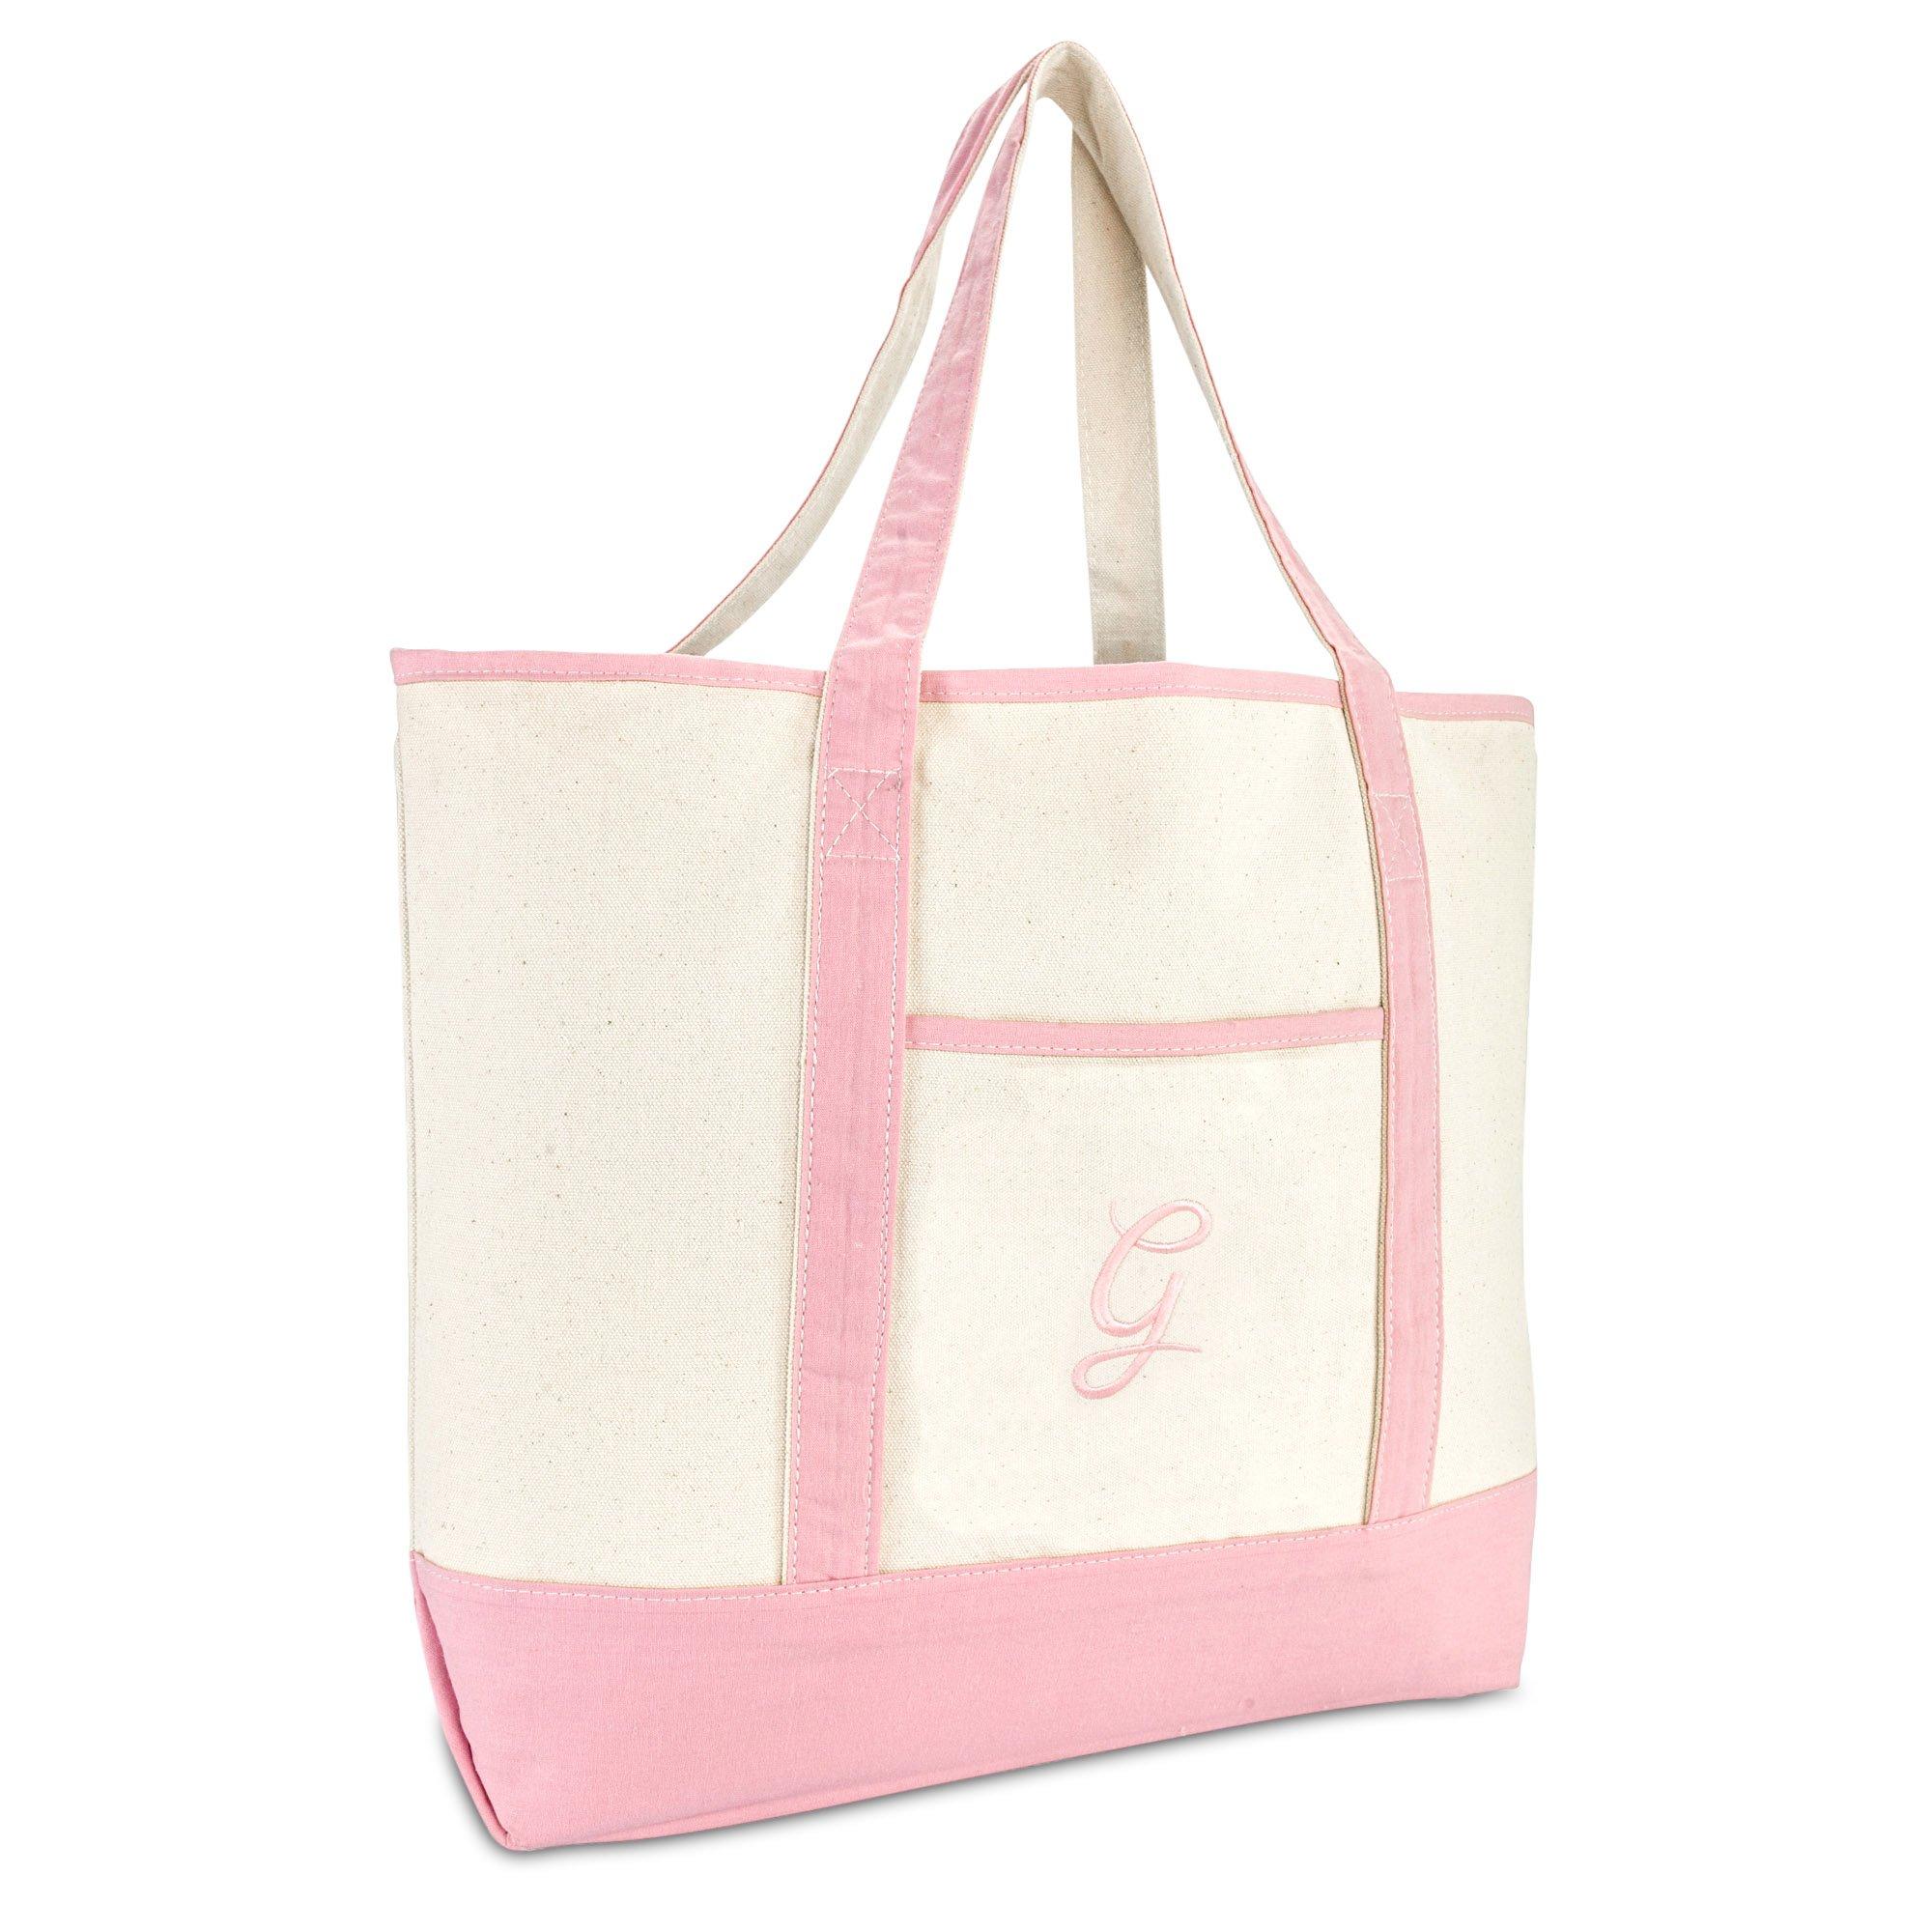 DALIX Women's Cotton Canvas Tote Bag Large Shoulder Bags Pink Monogram G